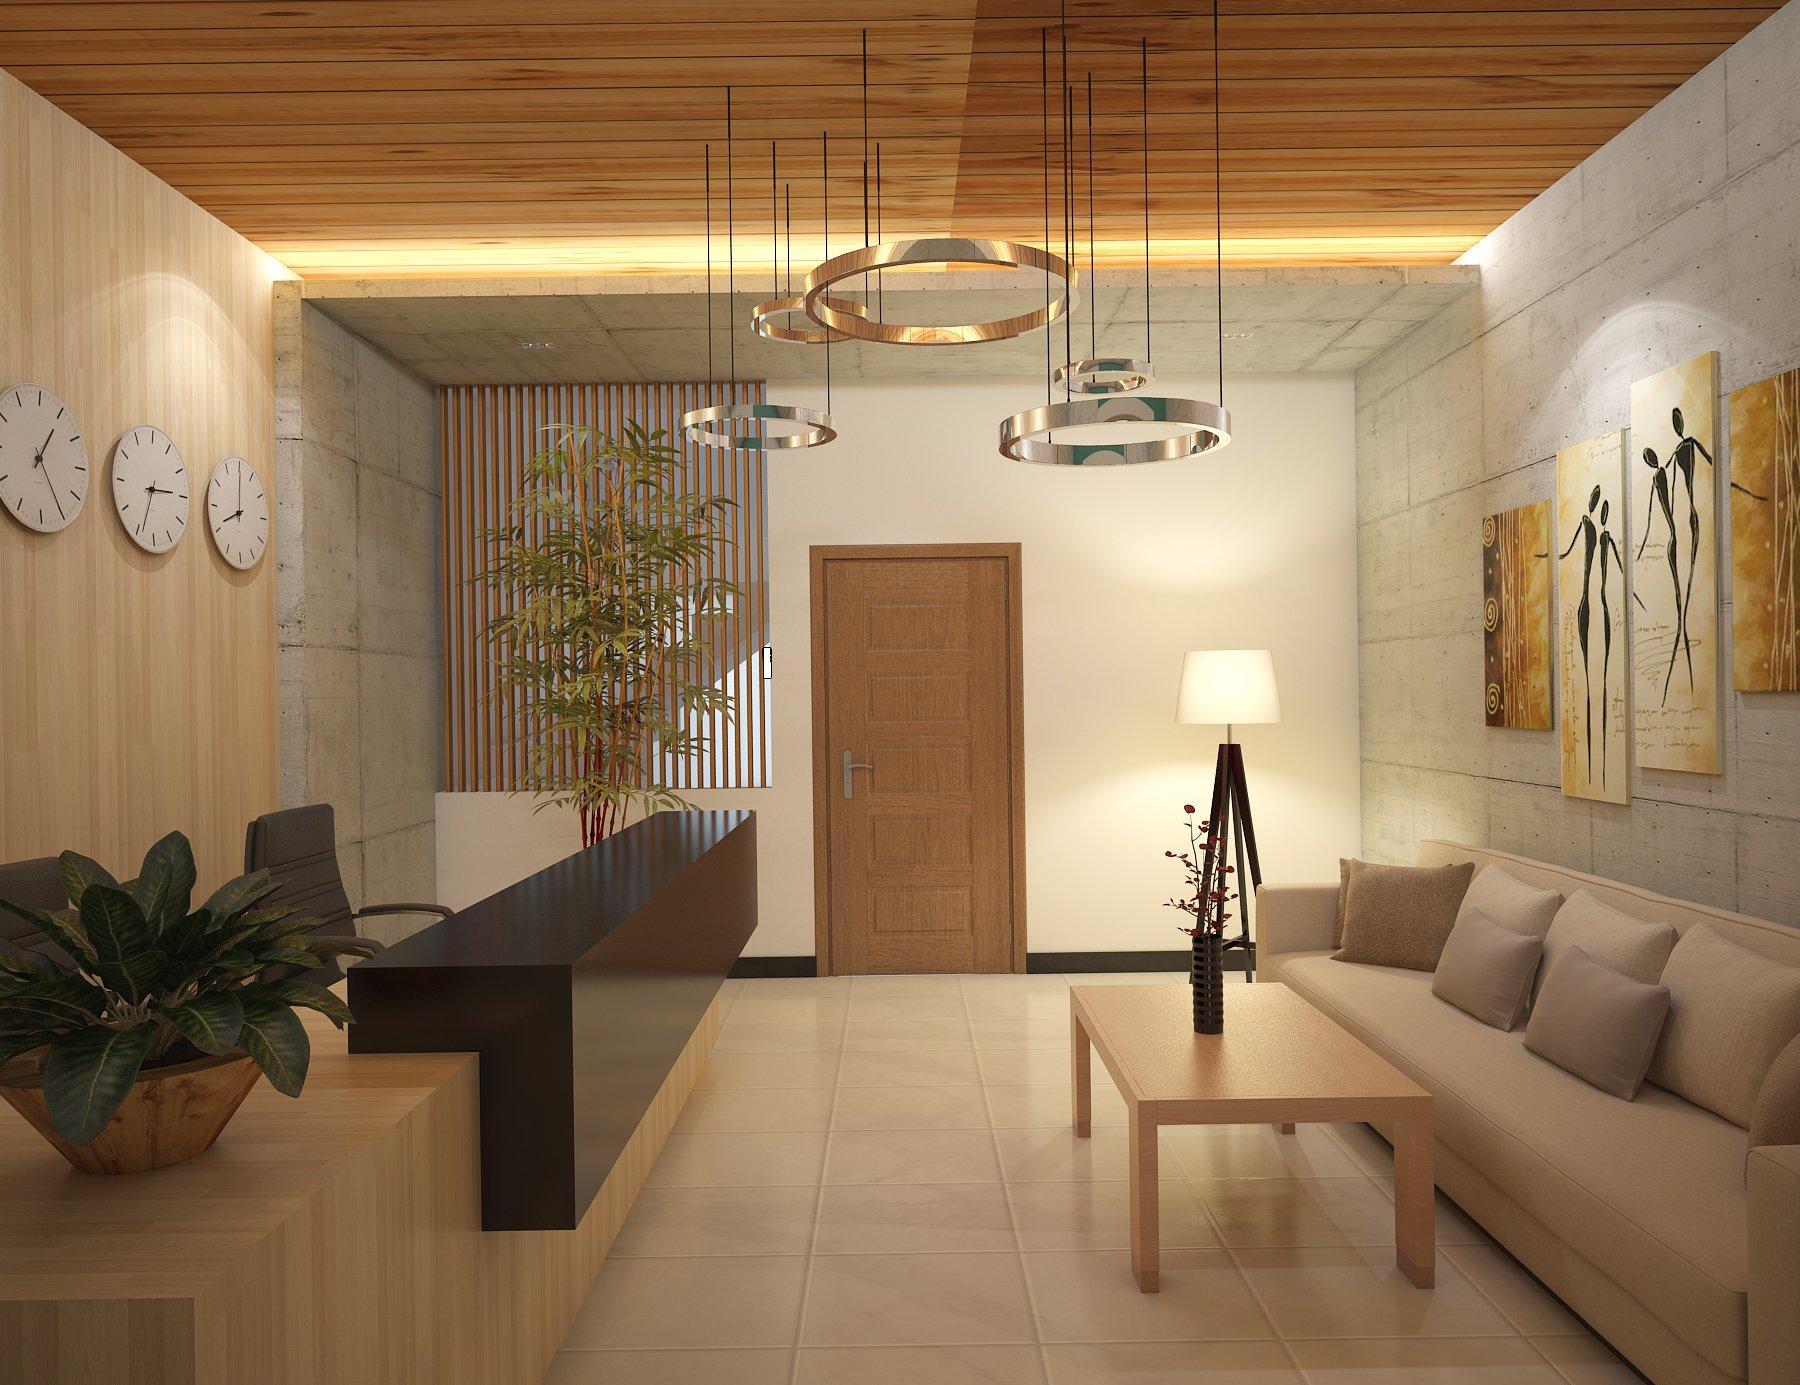 thiết kế chung cư 90m2 2